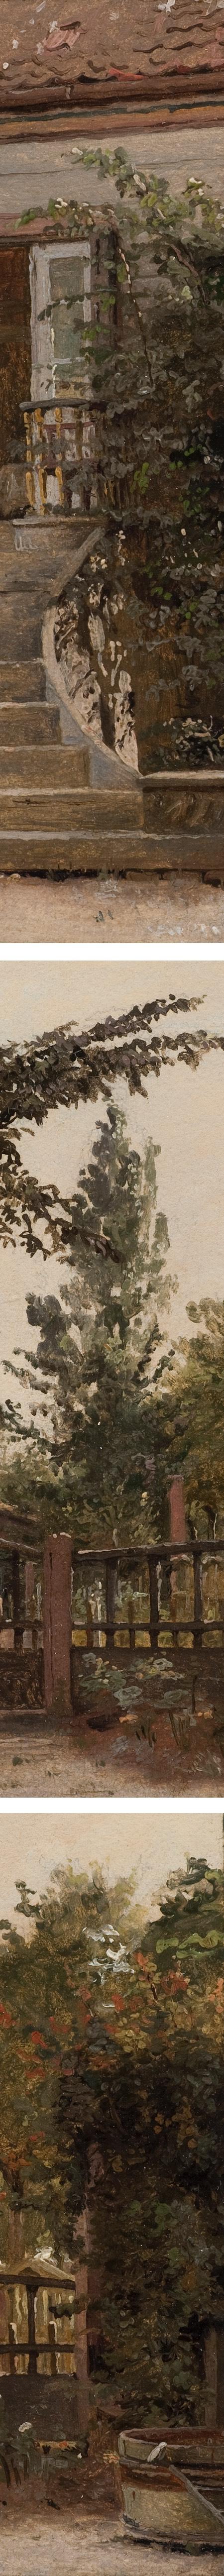 The Garden Steps Leading to the Artist's Studio on Blegdammen, Christen Købke, oil painting on paper (details)